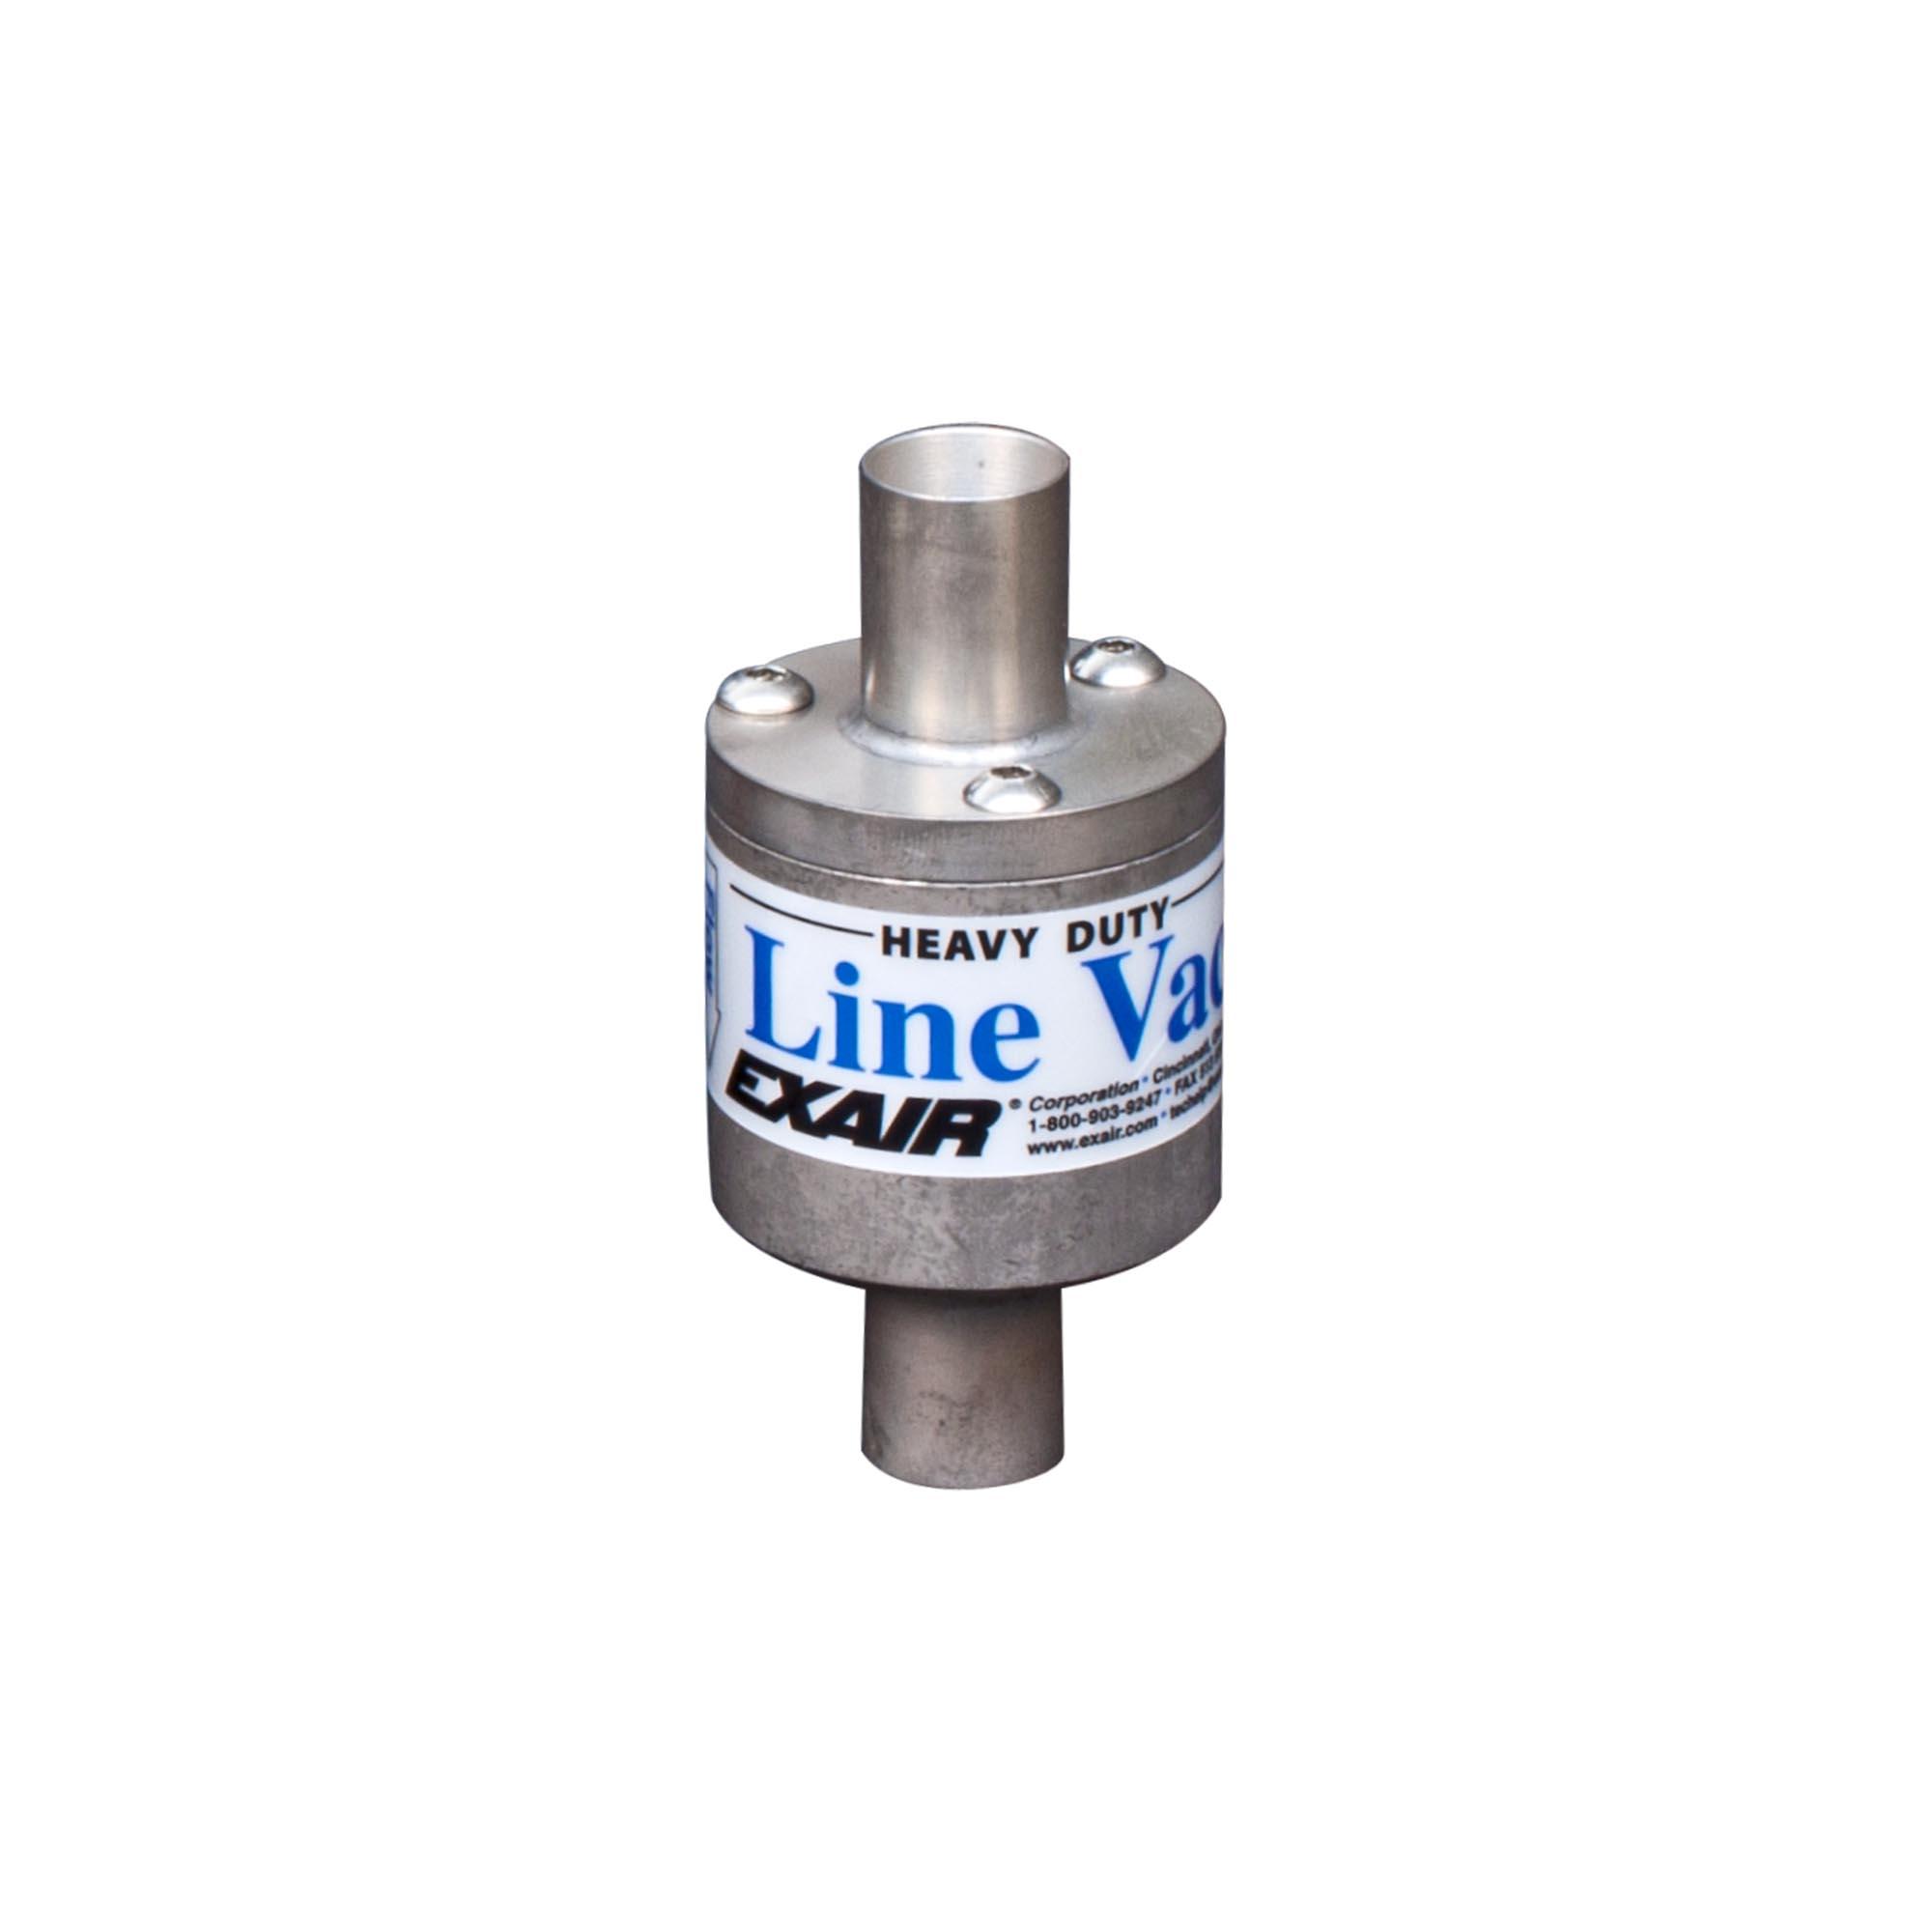 """Model W150075 3/4"""" Heavy Duty Line Vac"""